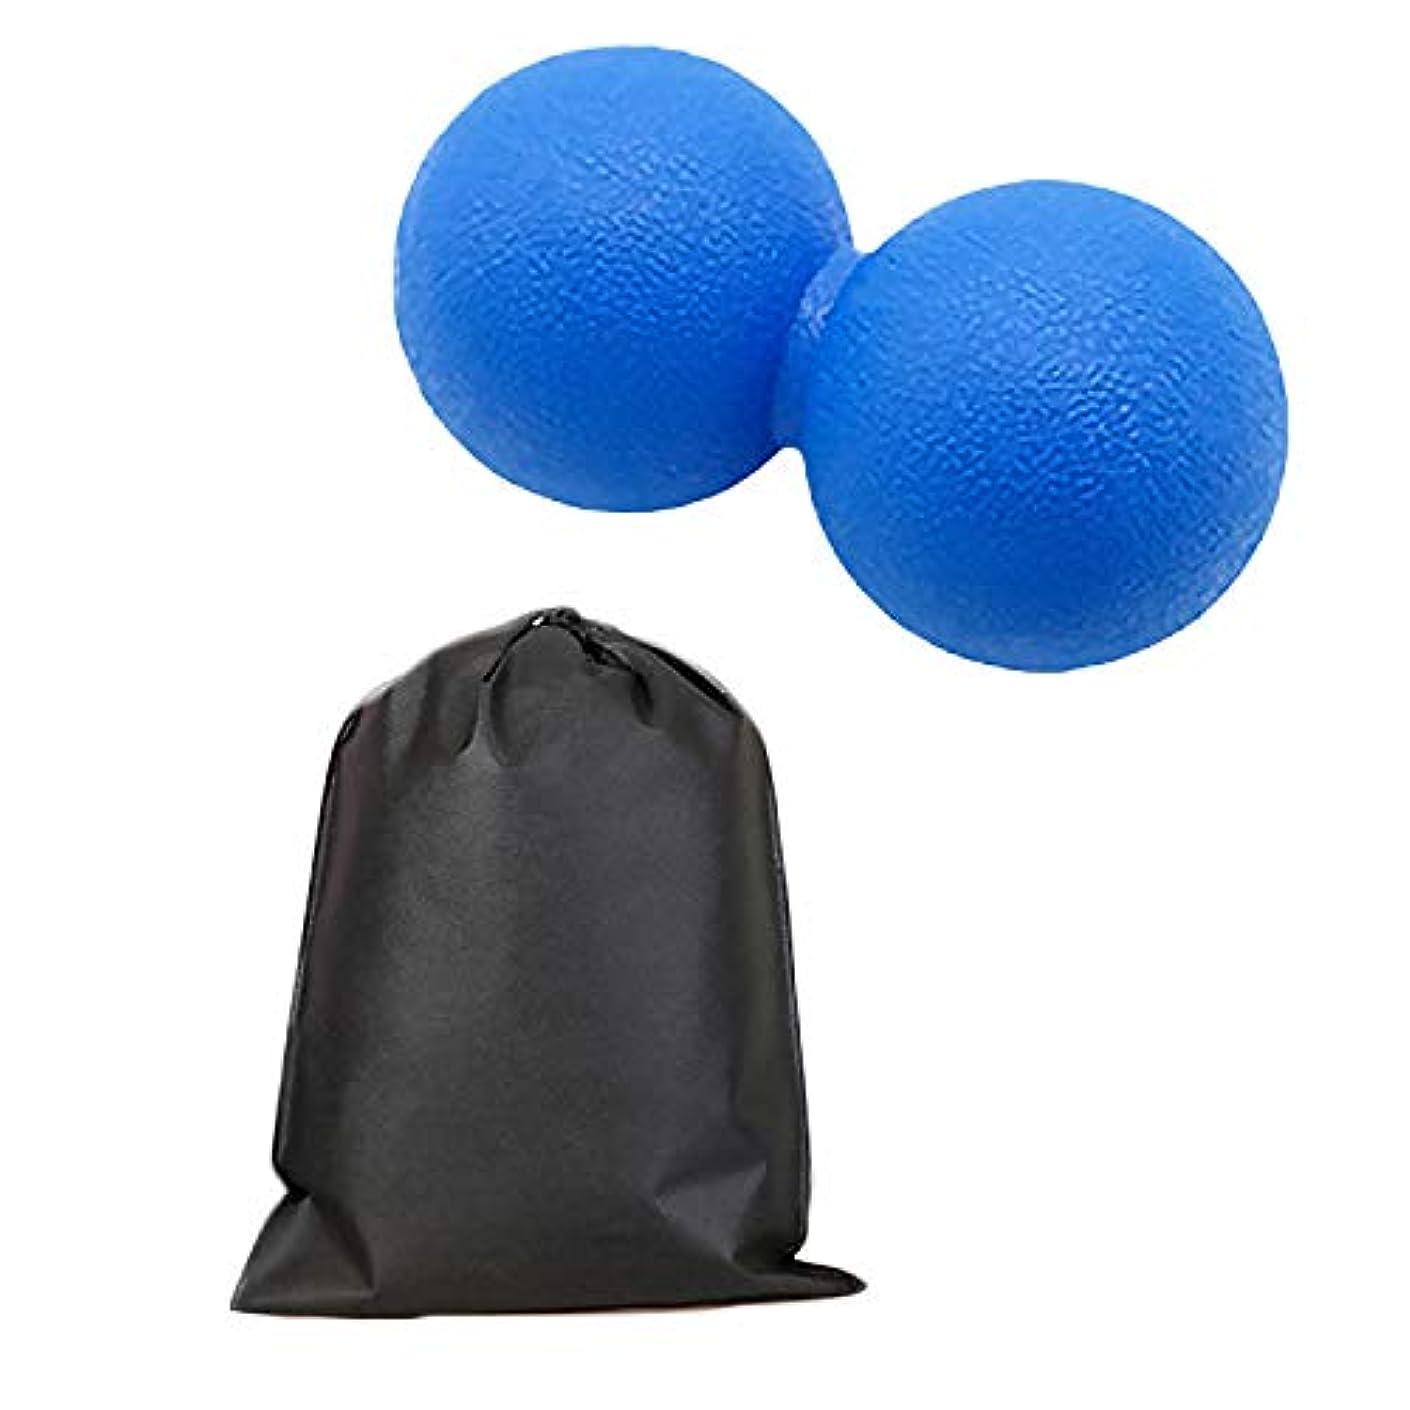 方向神話可動Migavan マッサージボールローラーバックマッサージボール収納袋が付いているピーナツマッサージのローラーボールのマッサージャー